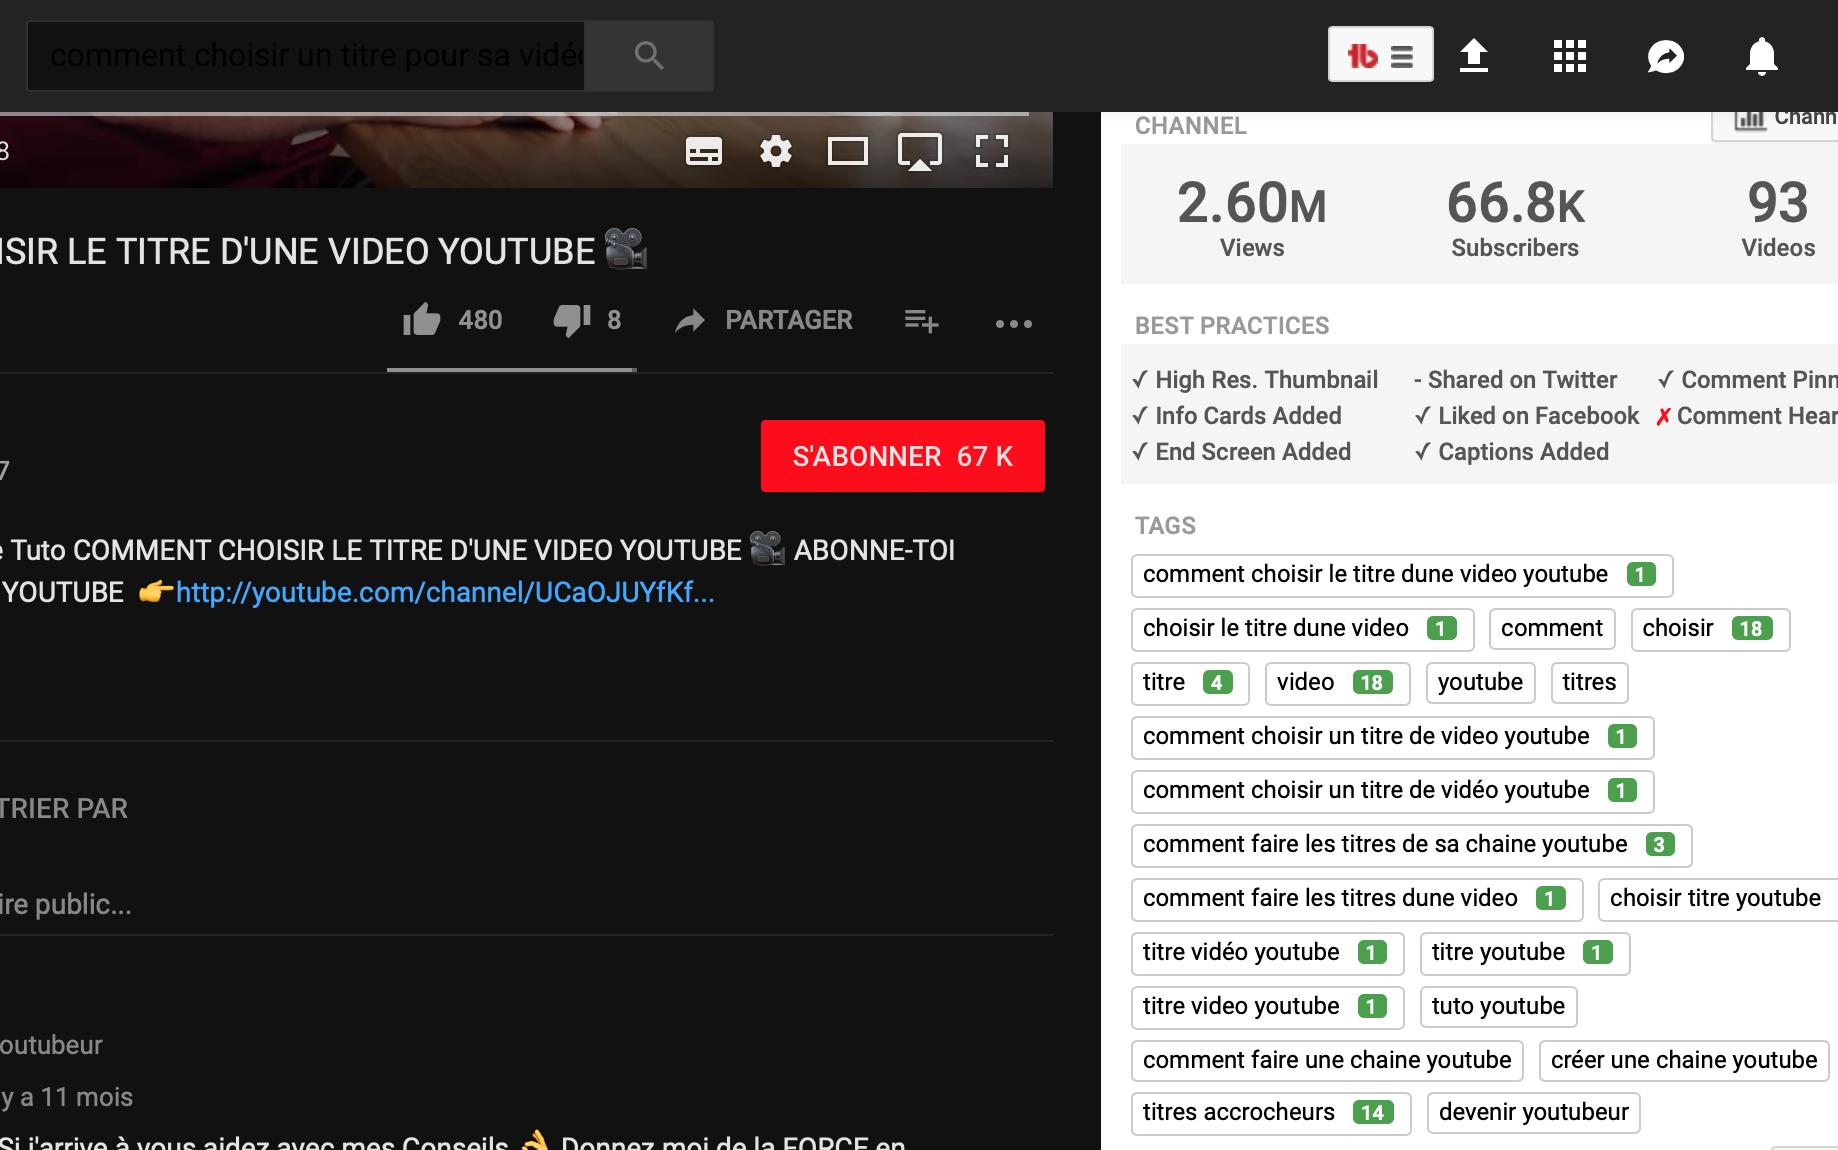 espionner les concurrents sur youtube